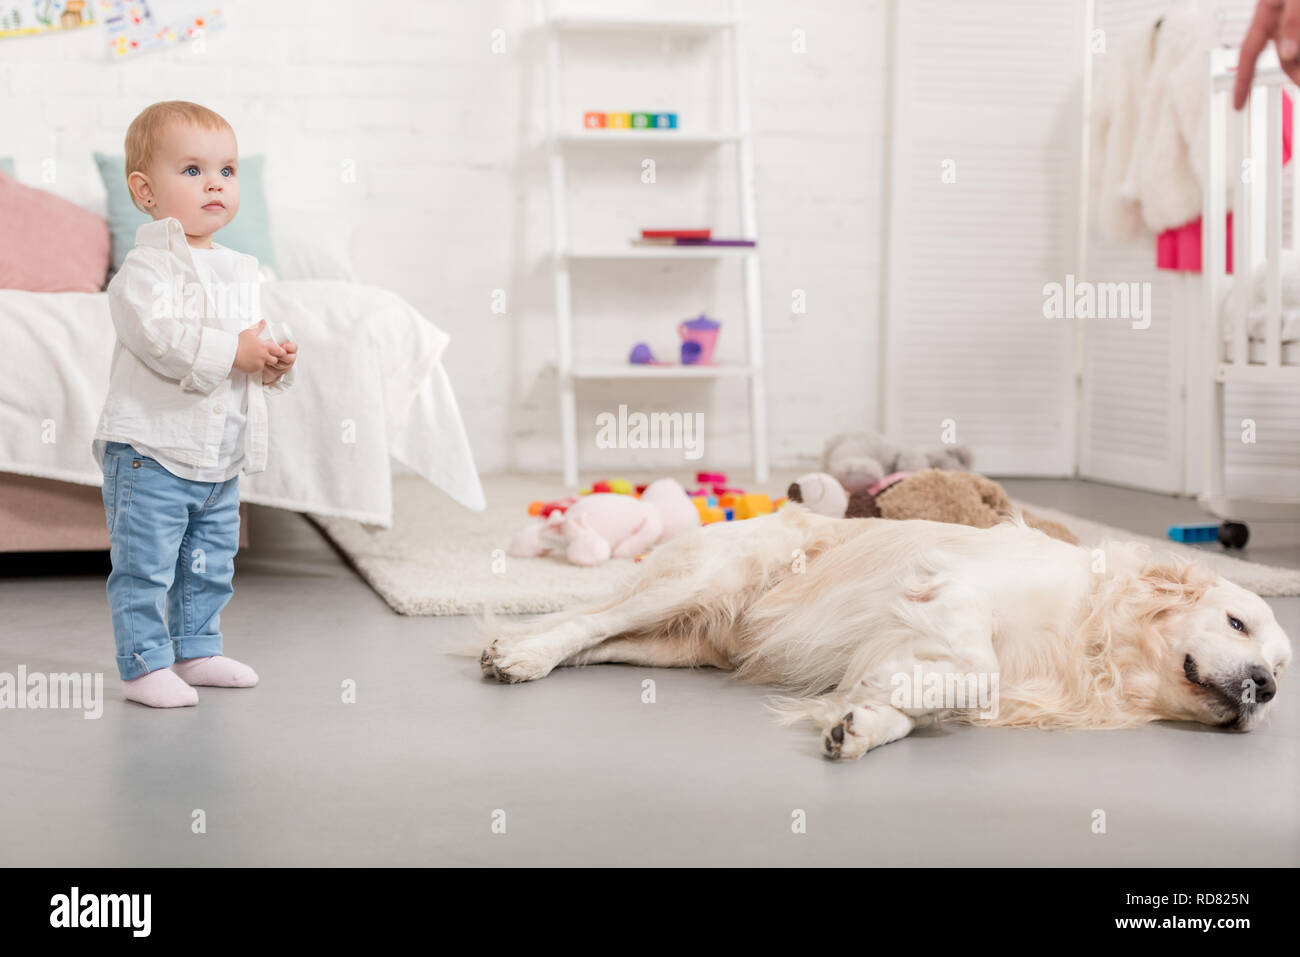 Fußboden Für Kinderzimmer ~ Adorable zicklein stehend und golden retriever liegen auf fußboden